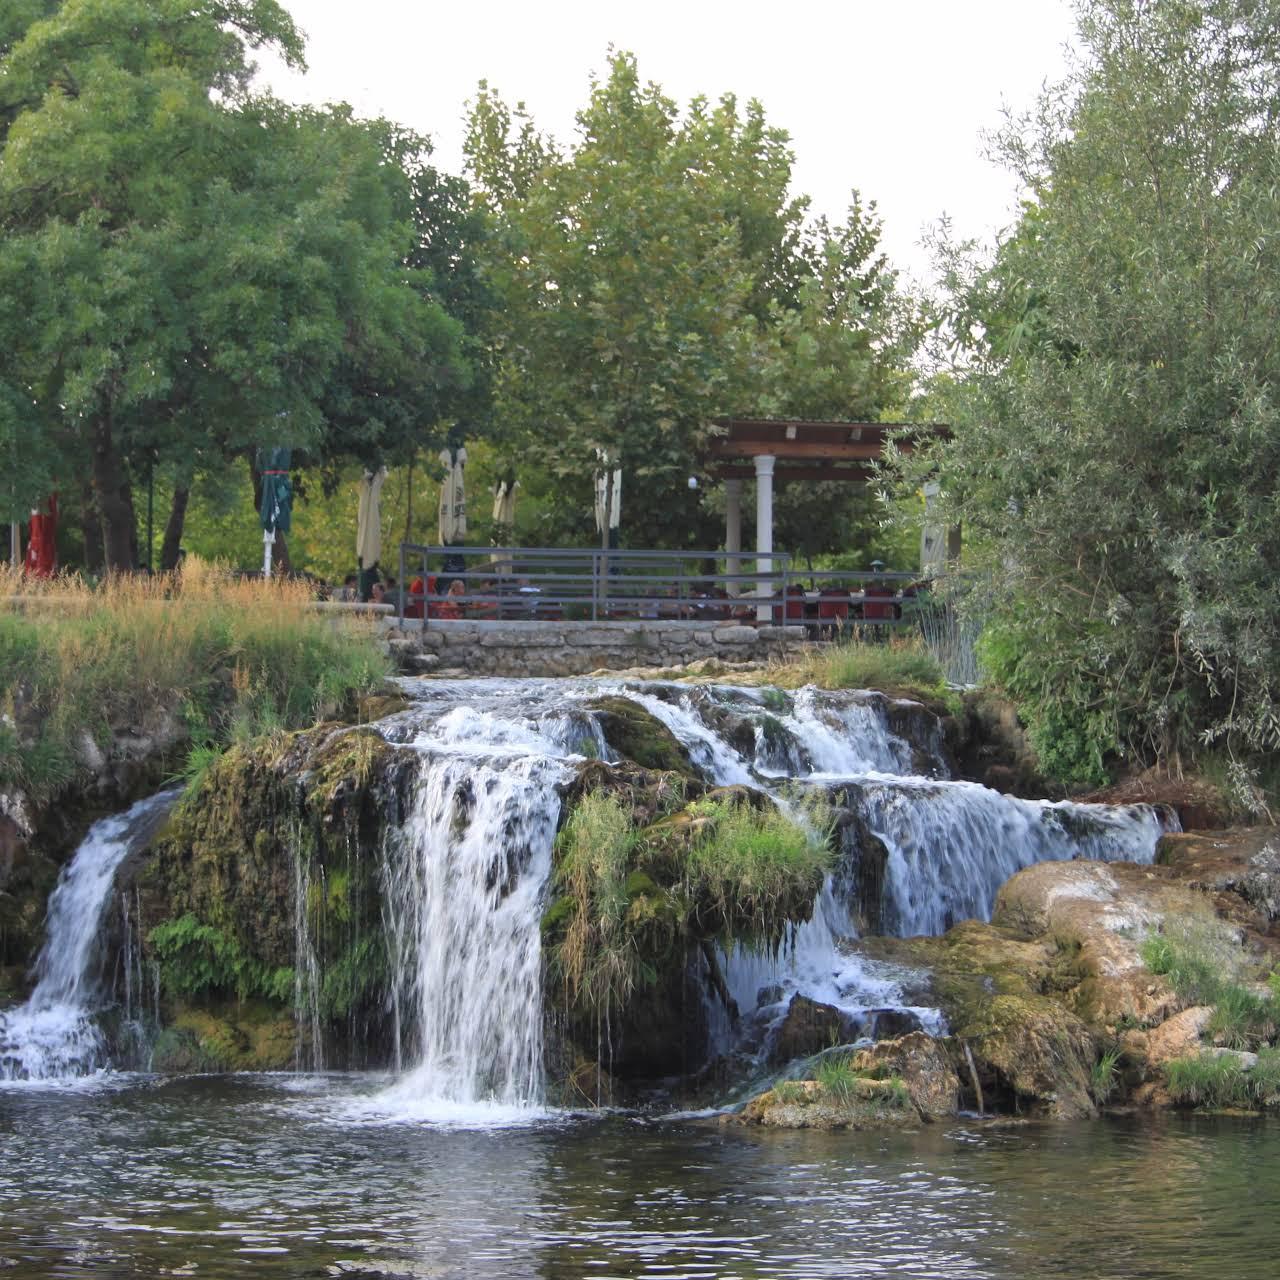 U Hrvatskoj preusmjere rijeku u polje pa Hercegovina ostane bez vode - Page 2 AF1QipO7wN__H1tl5GCnGiQ23O9kyZekMN9Lx7y6w9T-=s1280-p-no-v1